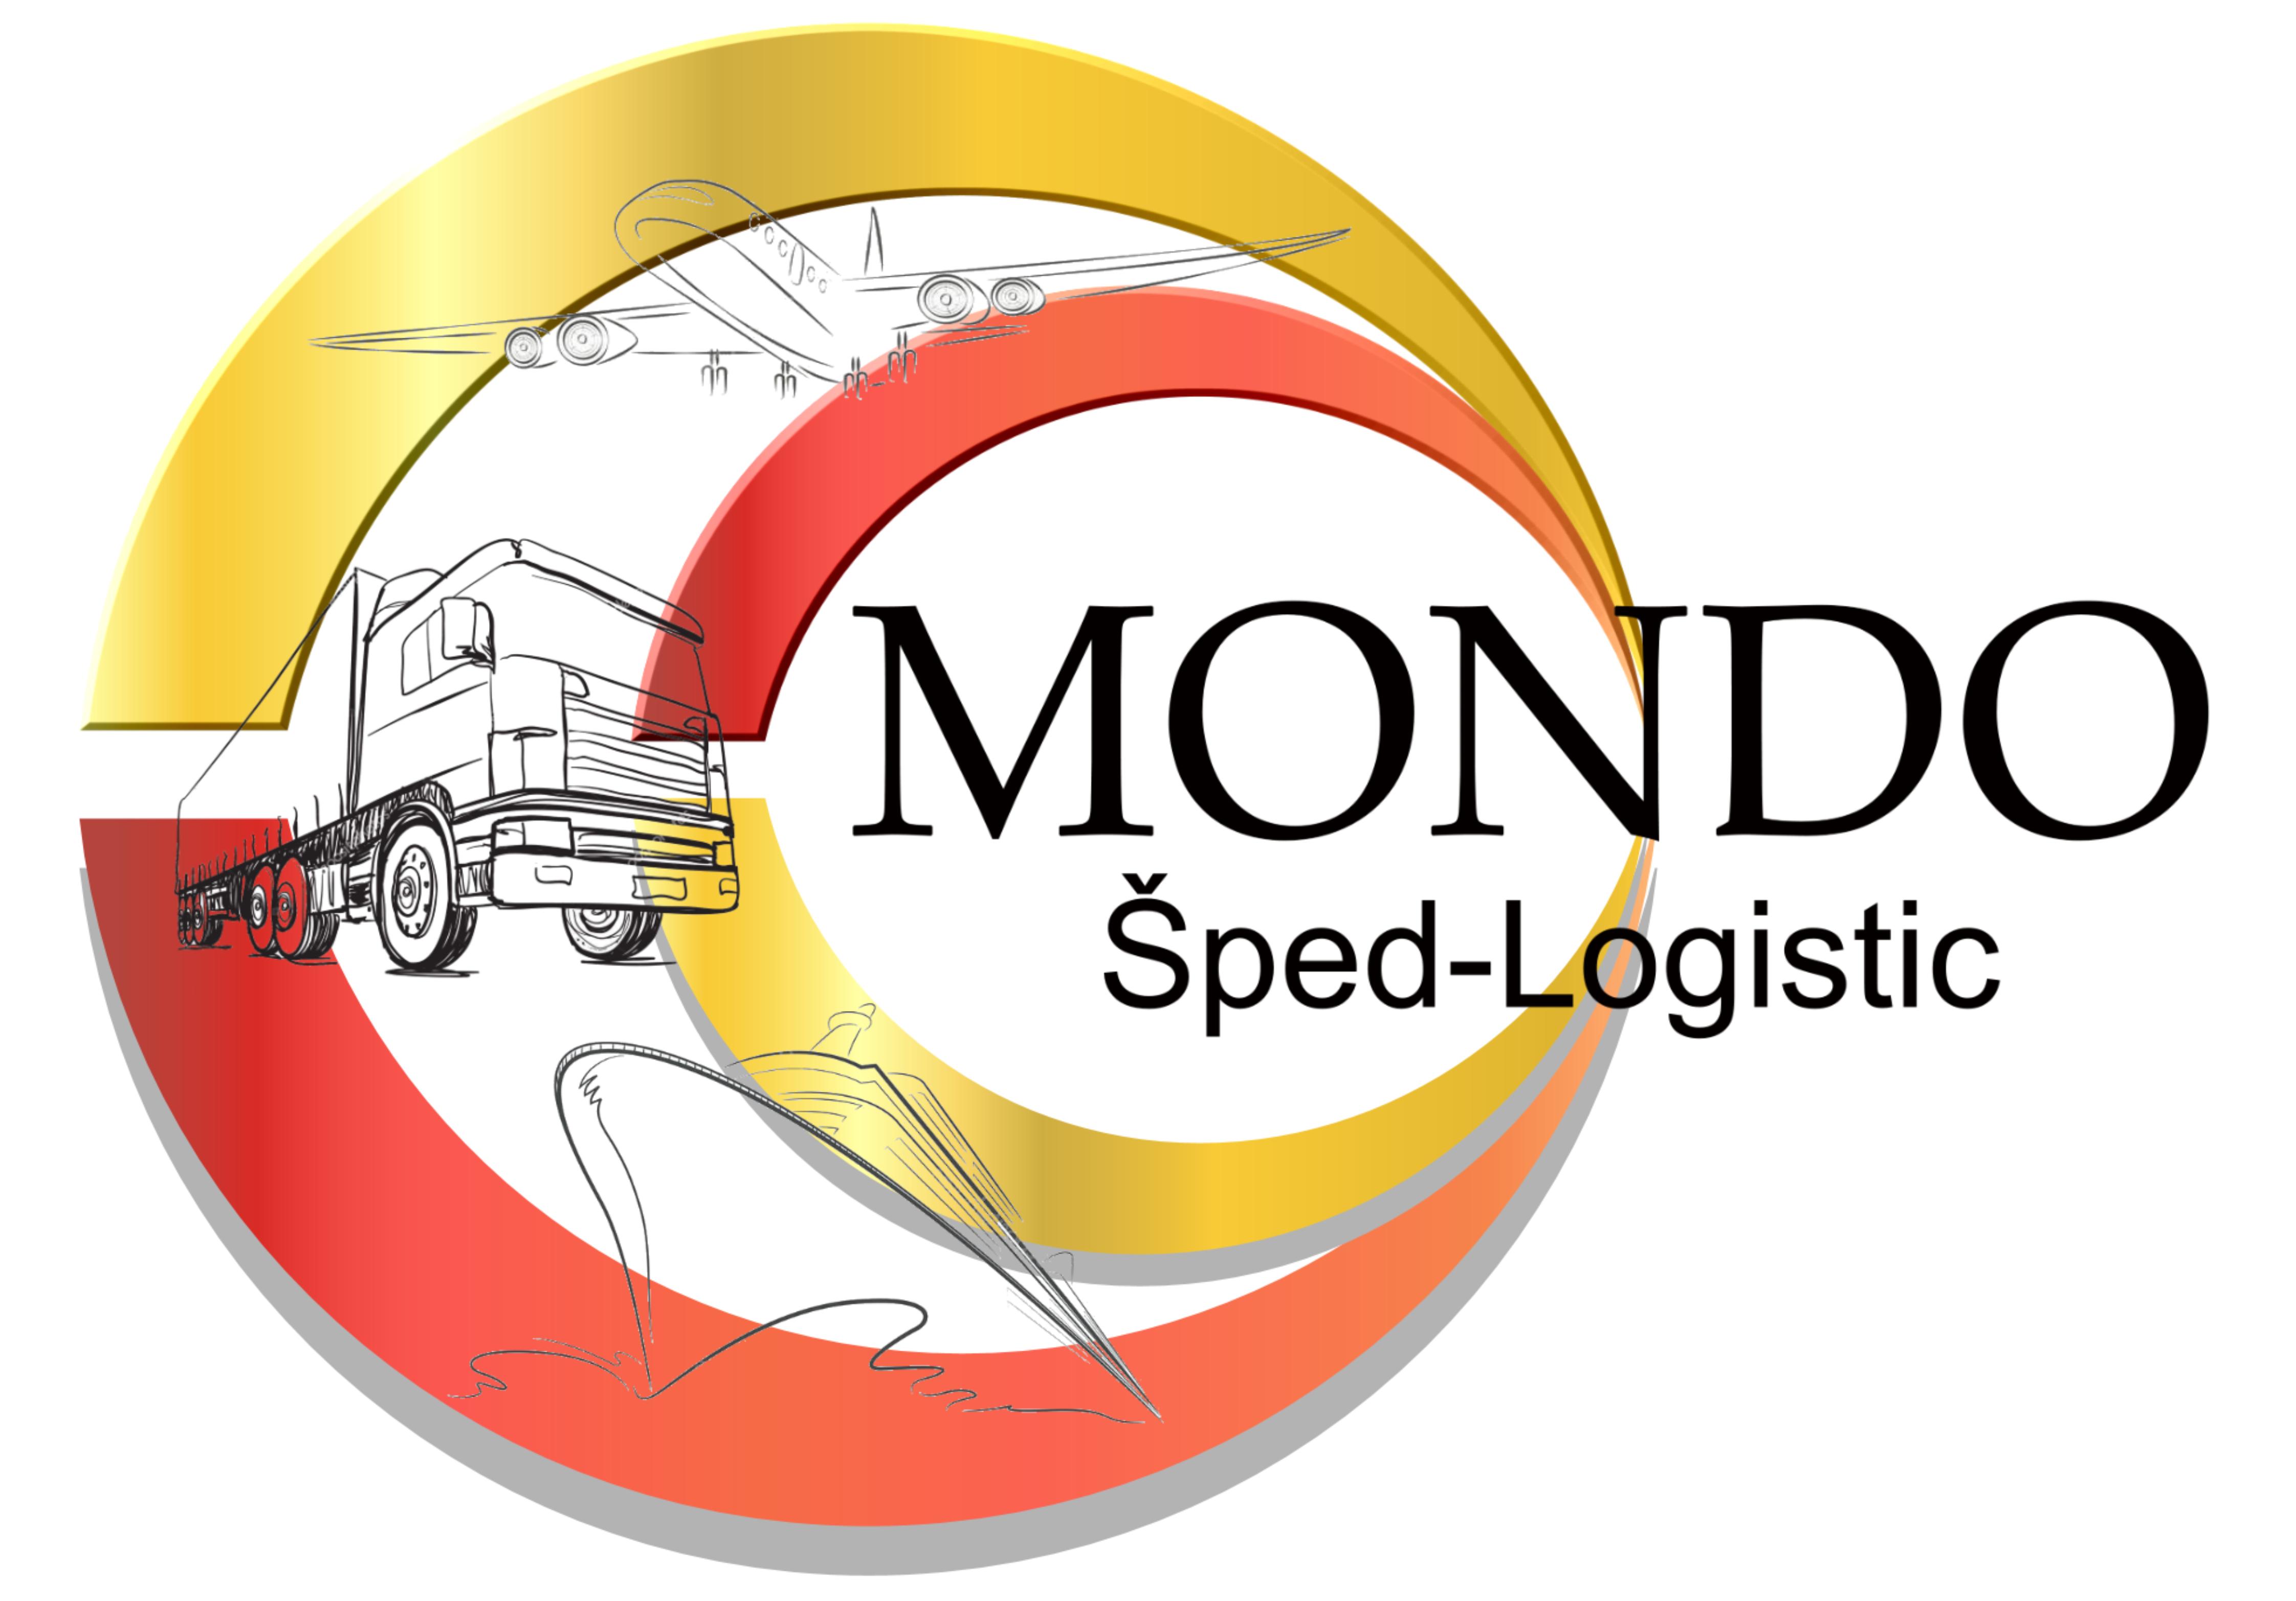 MONDO Šped-Logistic d.o.o.